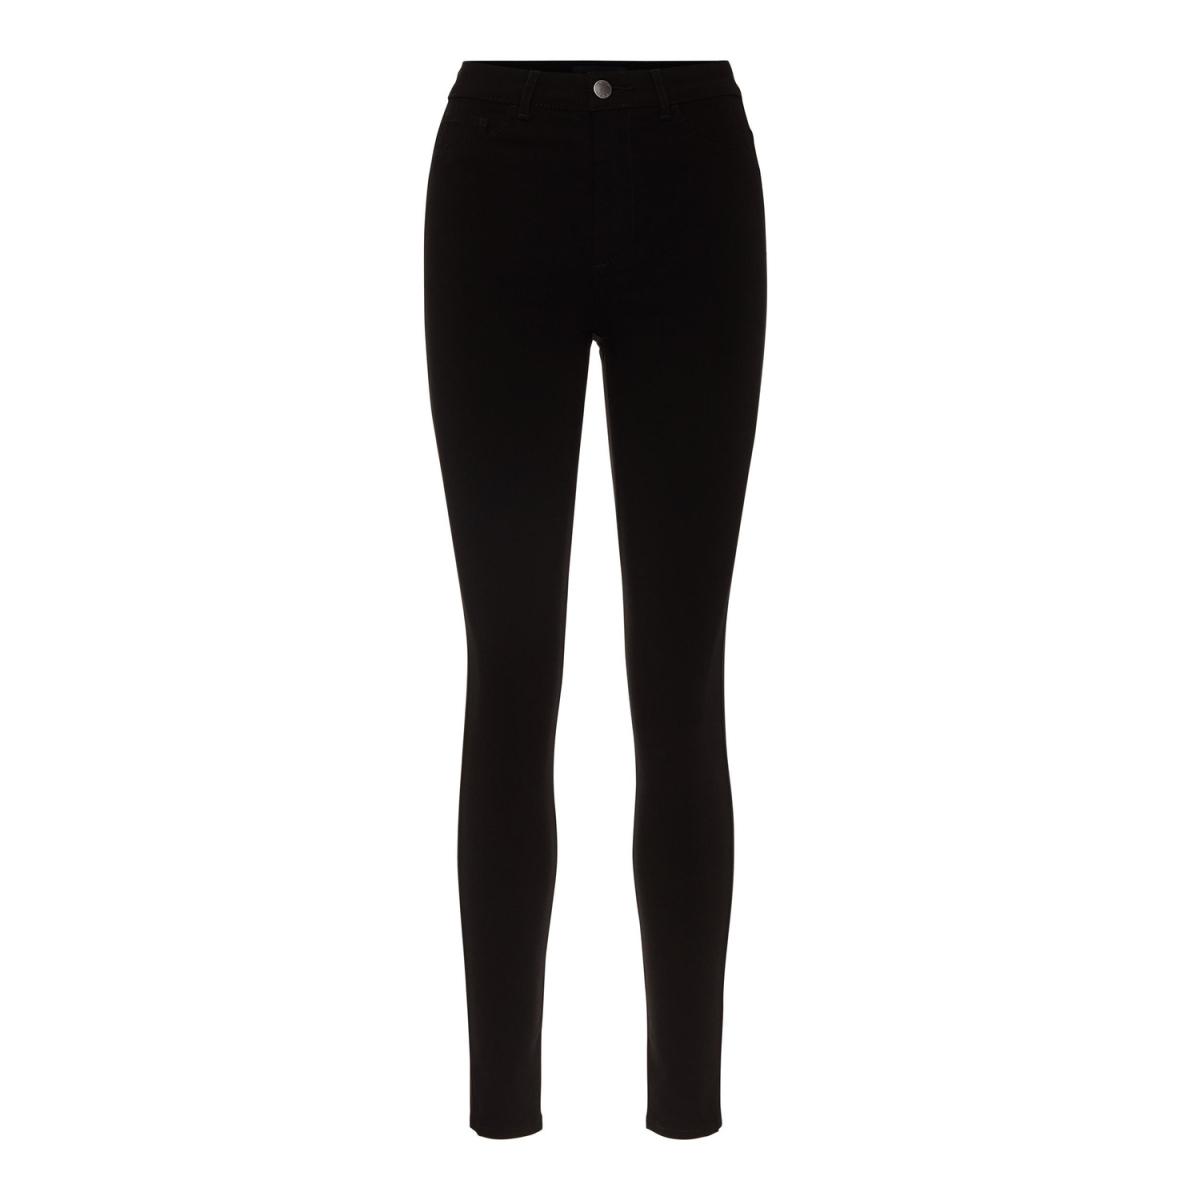 pchighskin wear jeggings noos 17080560 pieces jeans black